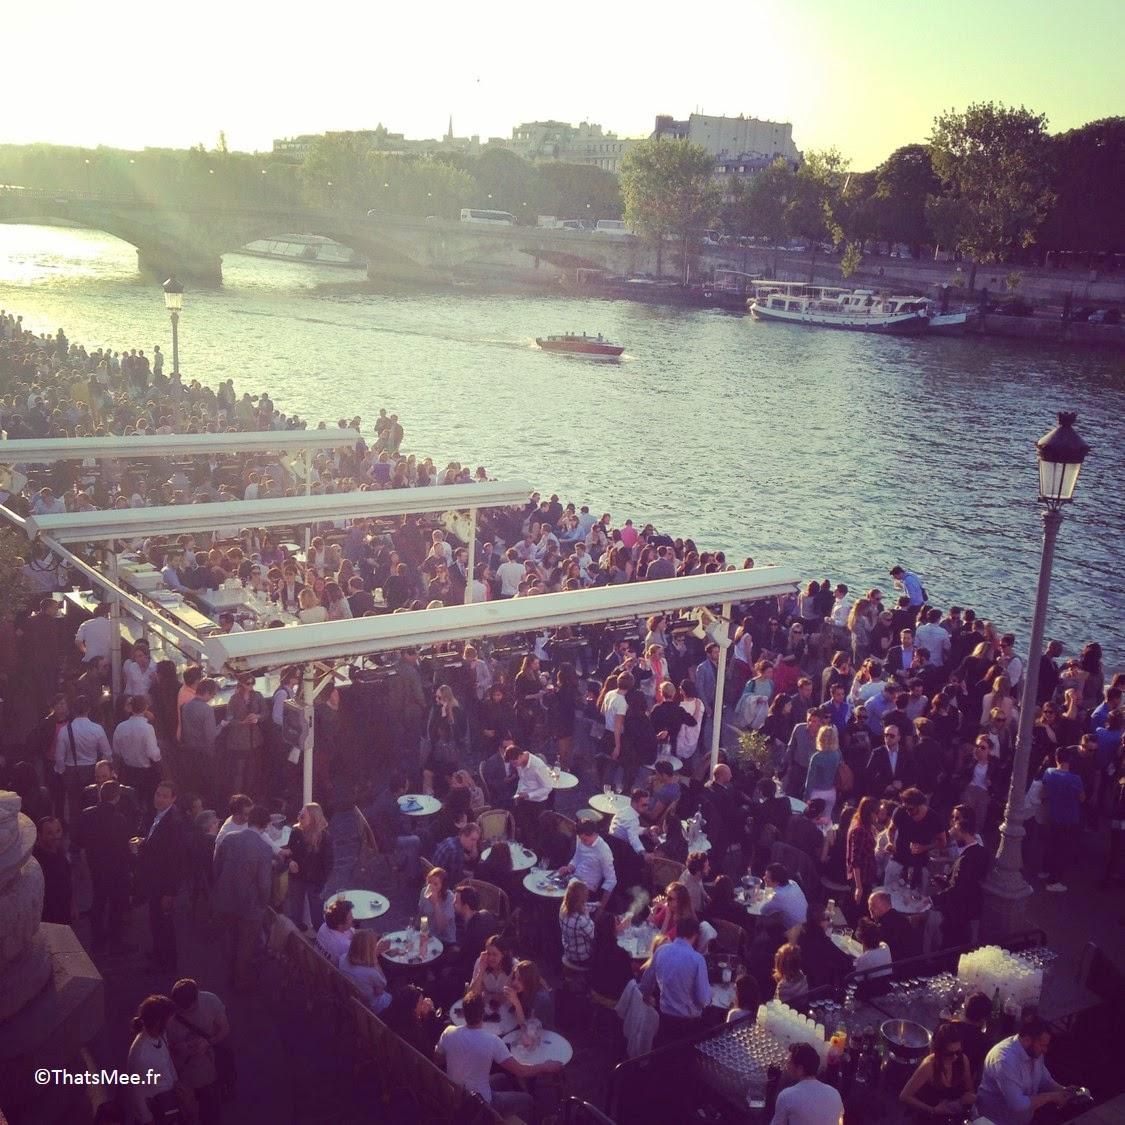 terrasse du Faust, Quai Alexandre III bords de Seine à Paris coucher de soleil soirée afterwork soirée d'ouverture opening night Faust